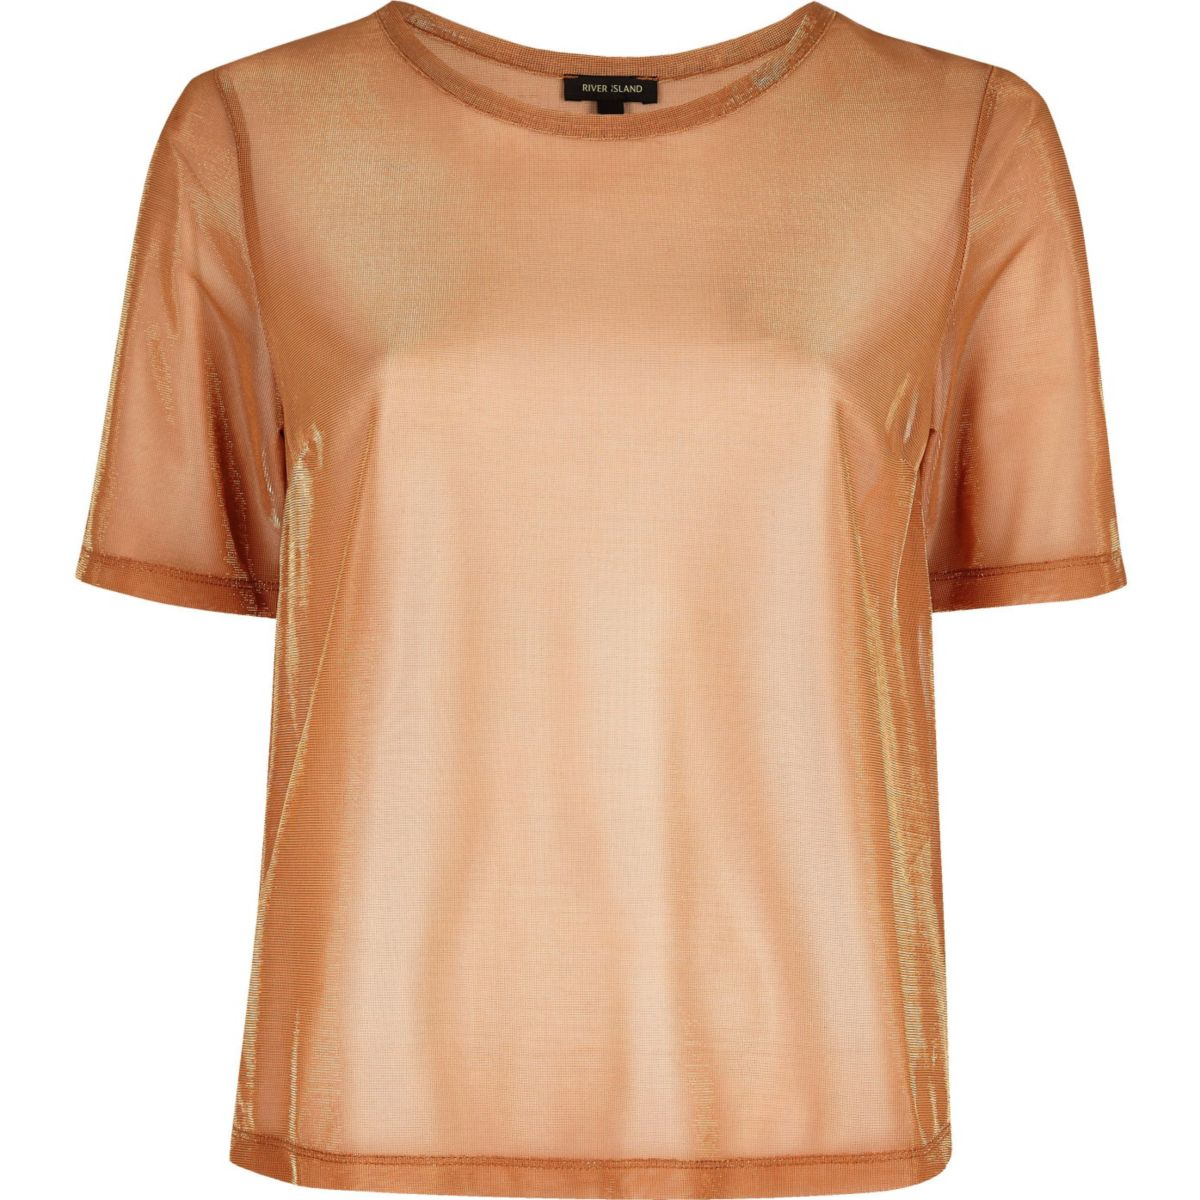 T-Shirt in Orange-Metallic